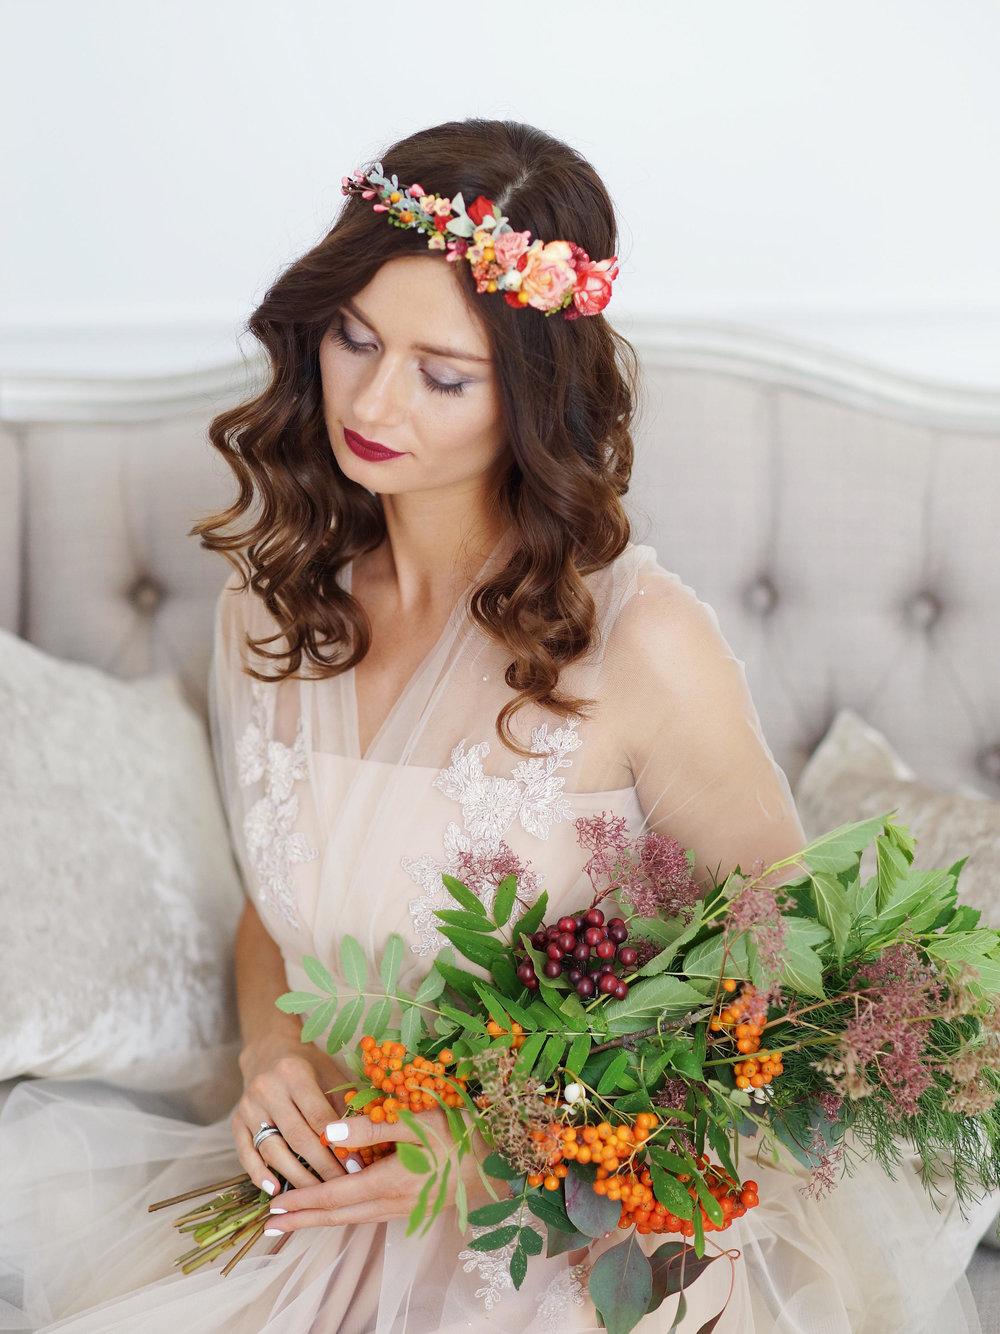 brud+bröllop+inspiration+blogg.jpg